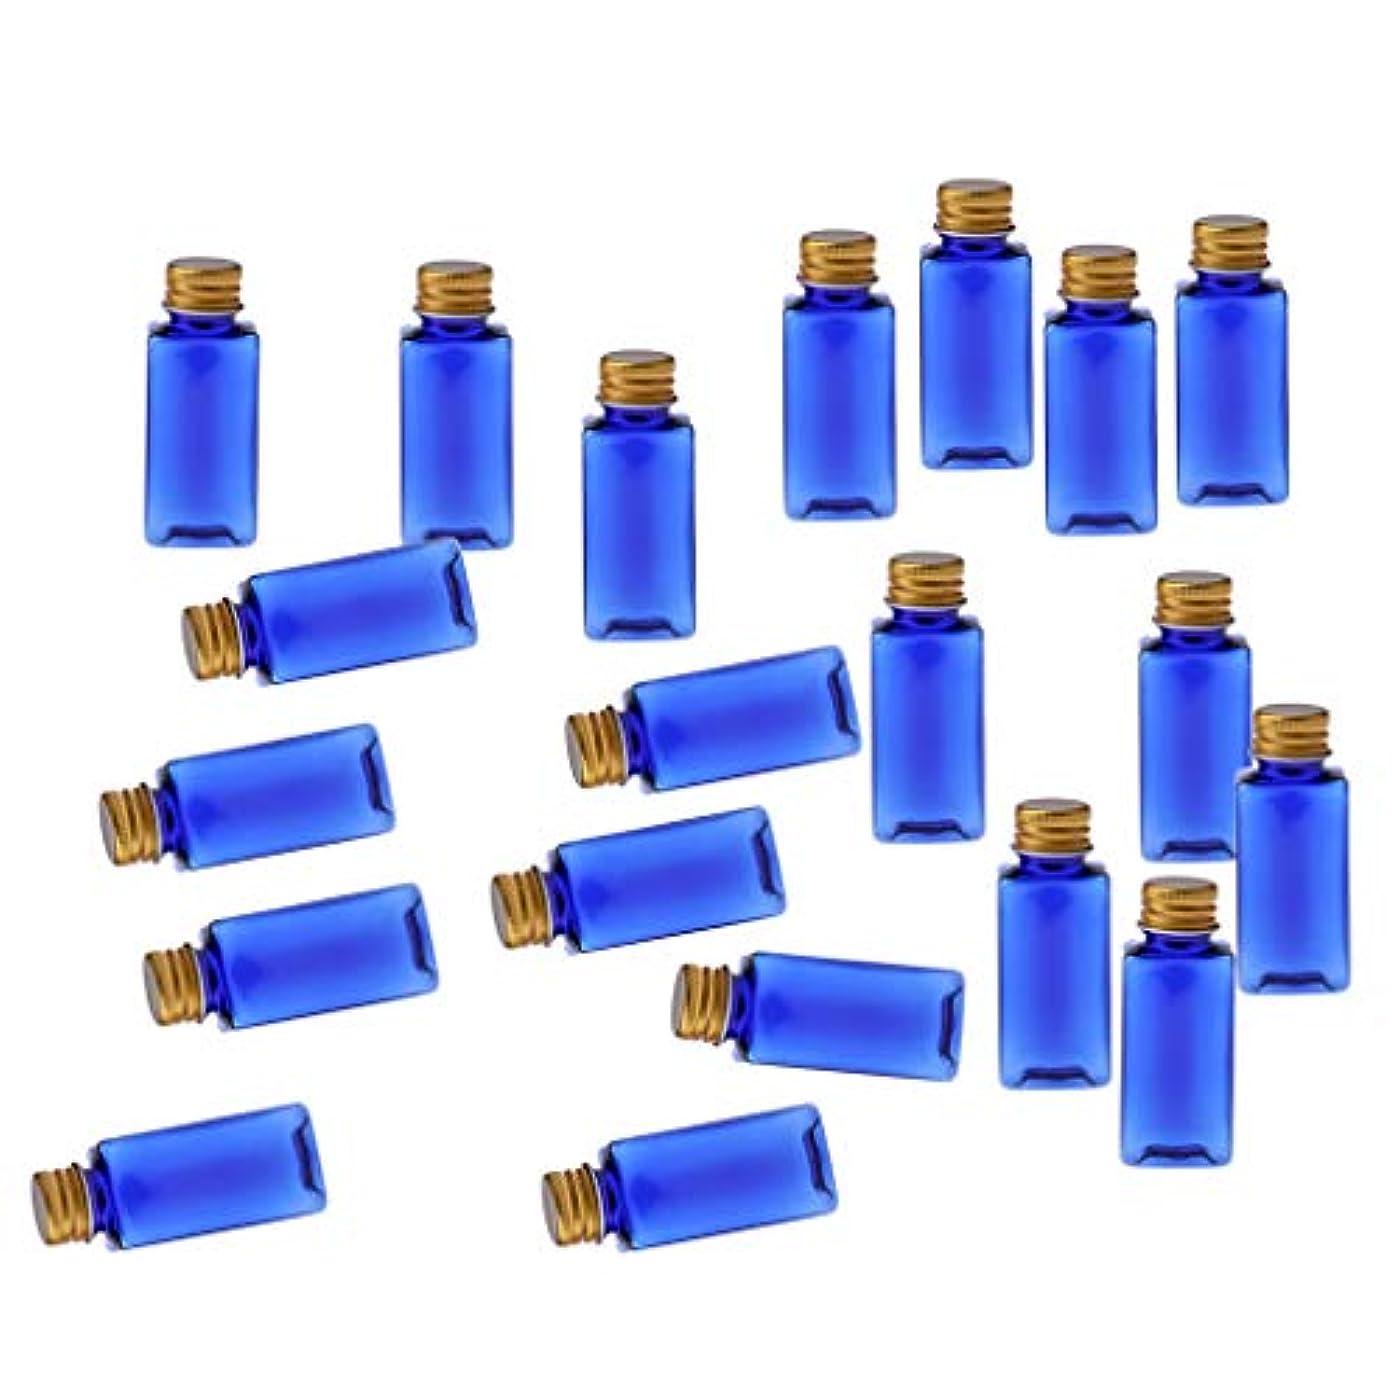 神聖航空機北方CUTICATE 化粧ボトル 香水ボトル 液体化粧品 エッセンシャルオイル 香水 ボディオイル 20個入り - ブルーゴールド